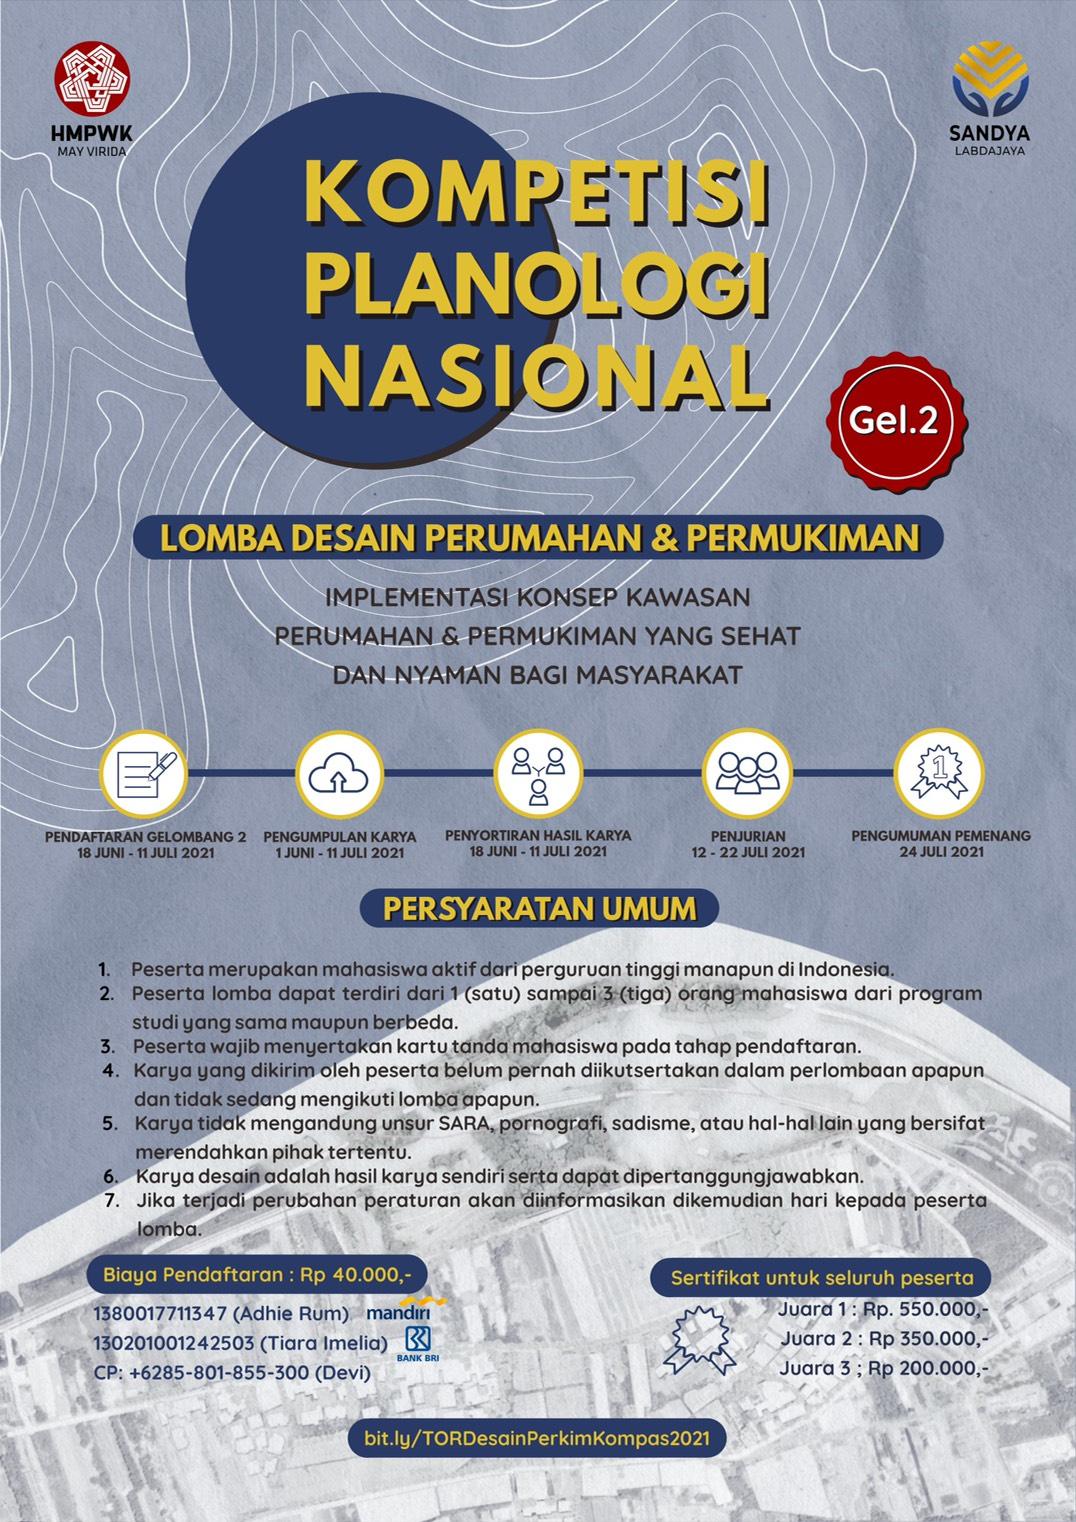 KOMPETISI PLANOLOGI NASIONAL (KOMPAS) 2021